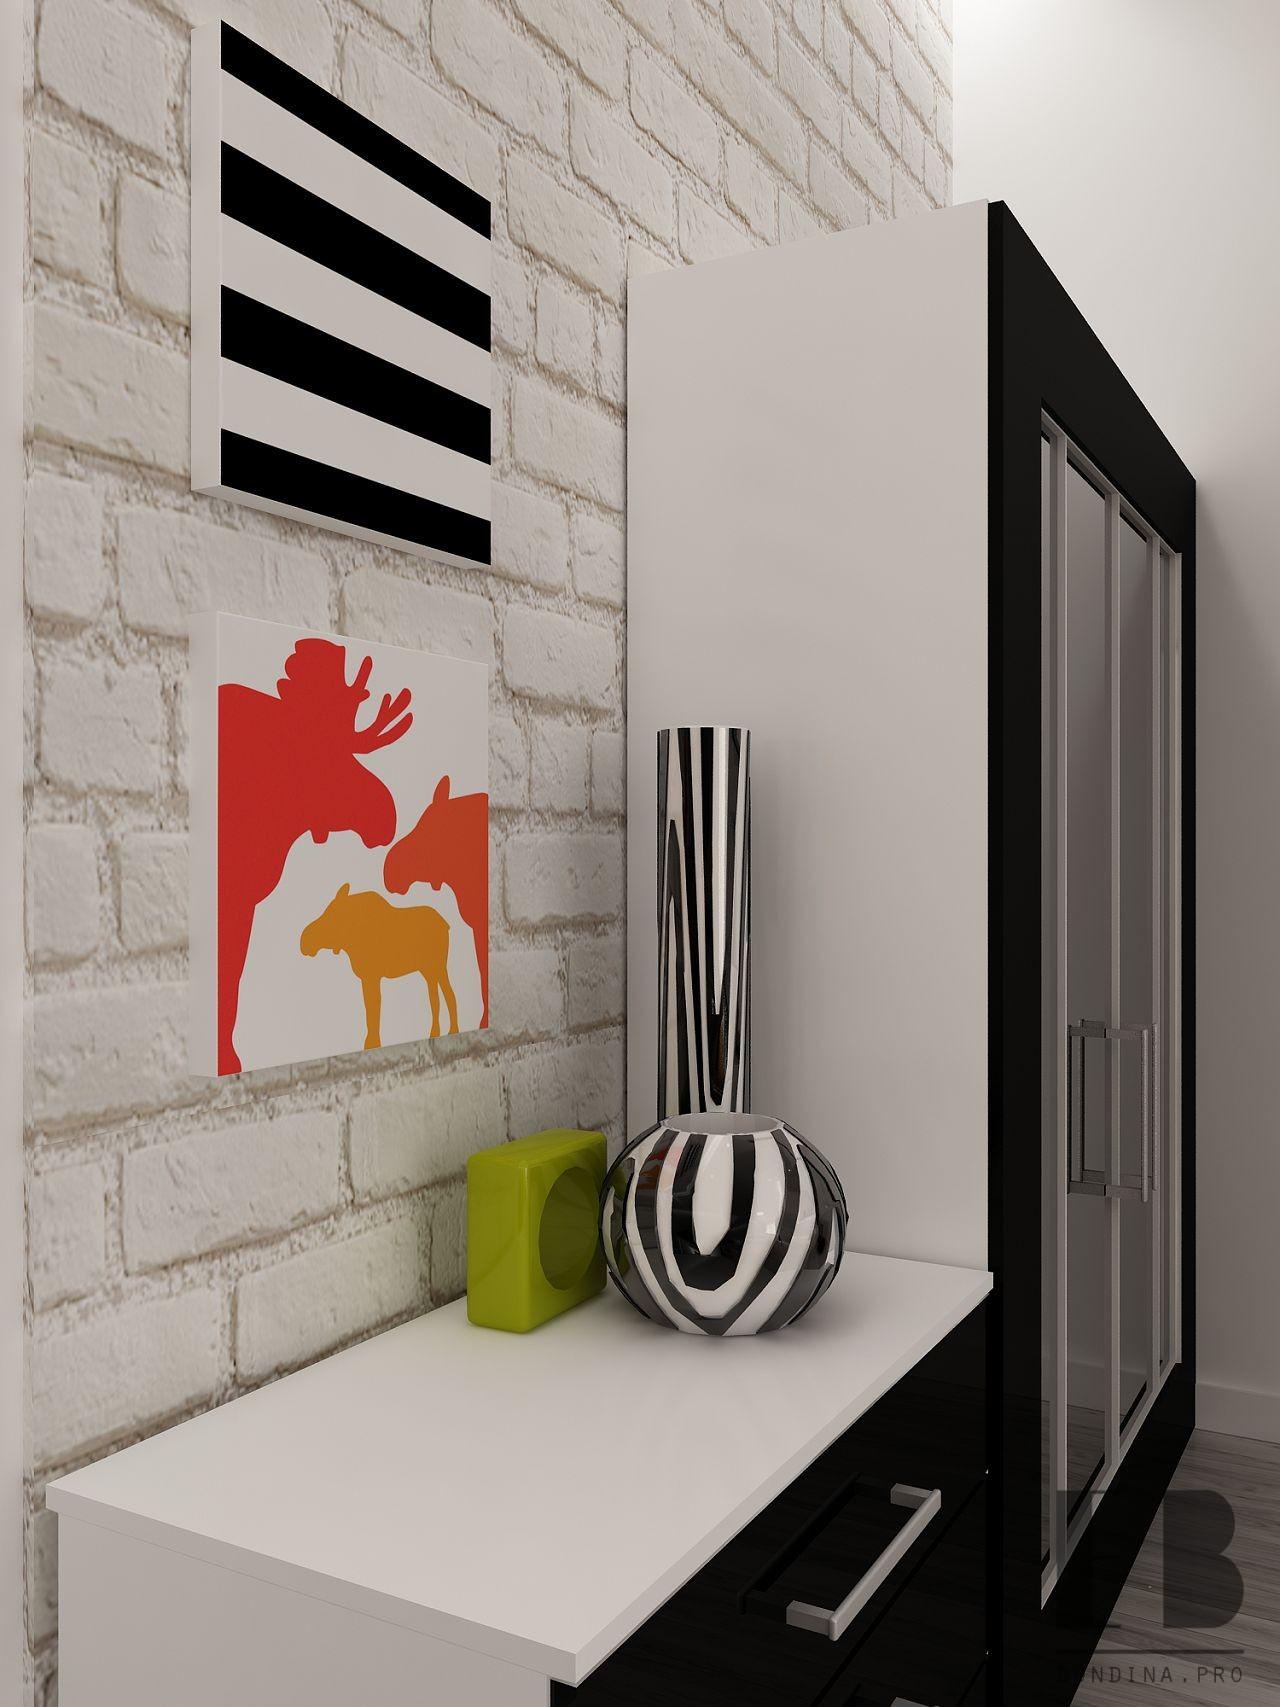 Zebra in the interior